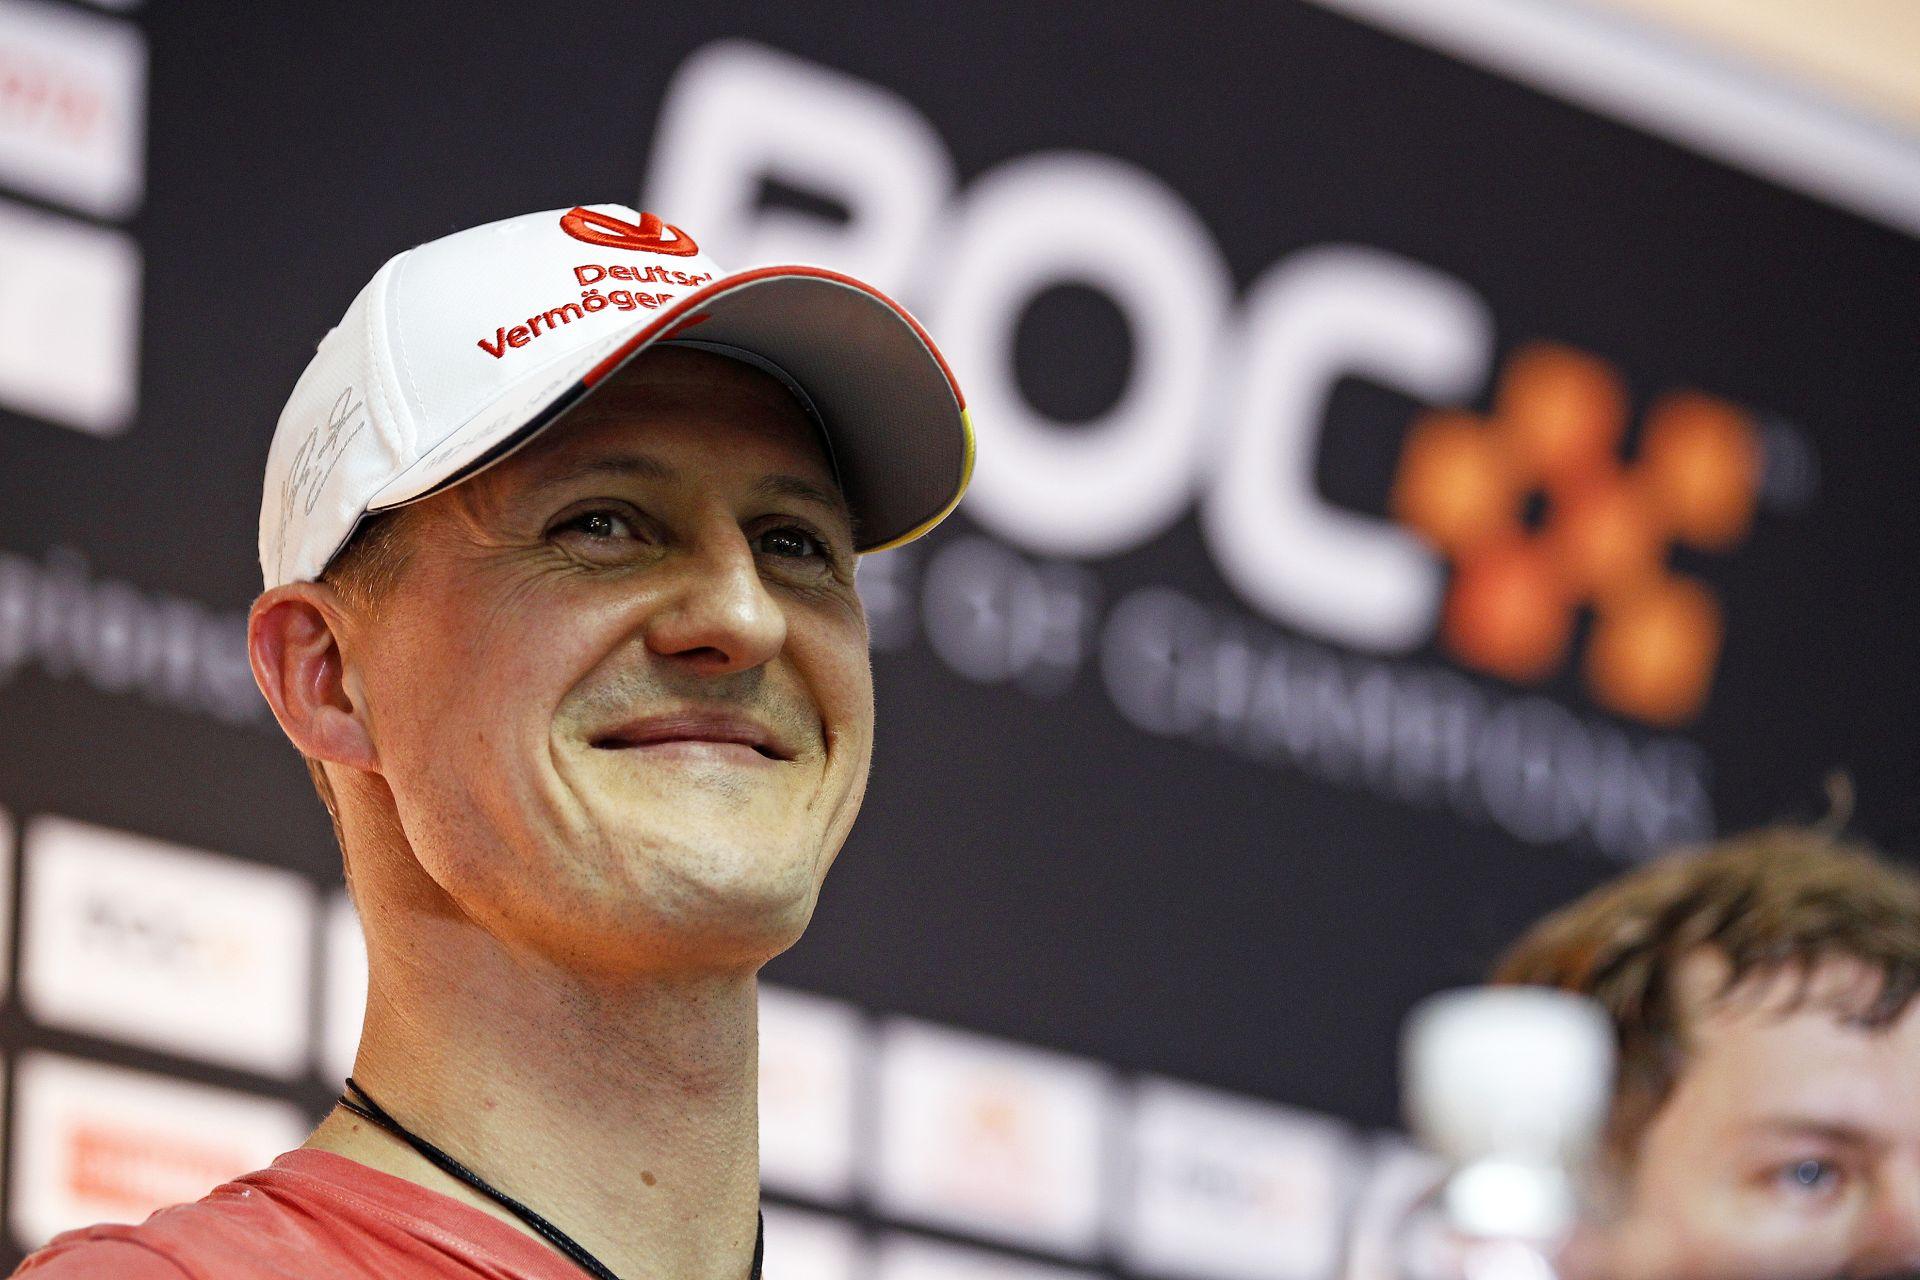 Schumacher még most is annyit kaszál, hogy családja könnyen fedezni tudja a rehabilitációt!